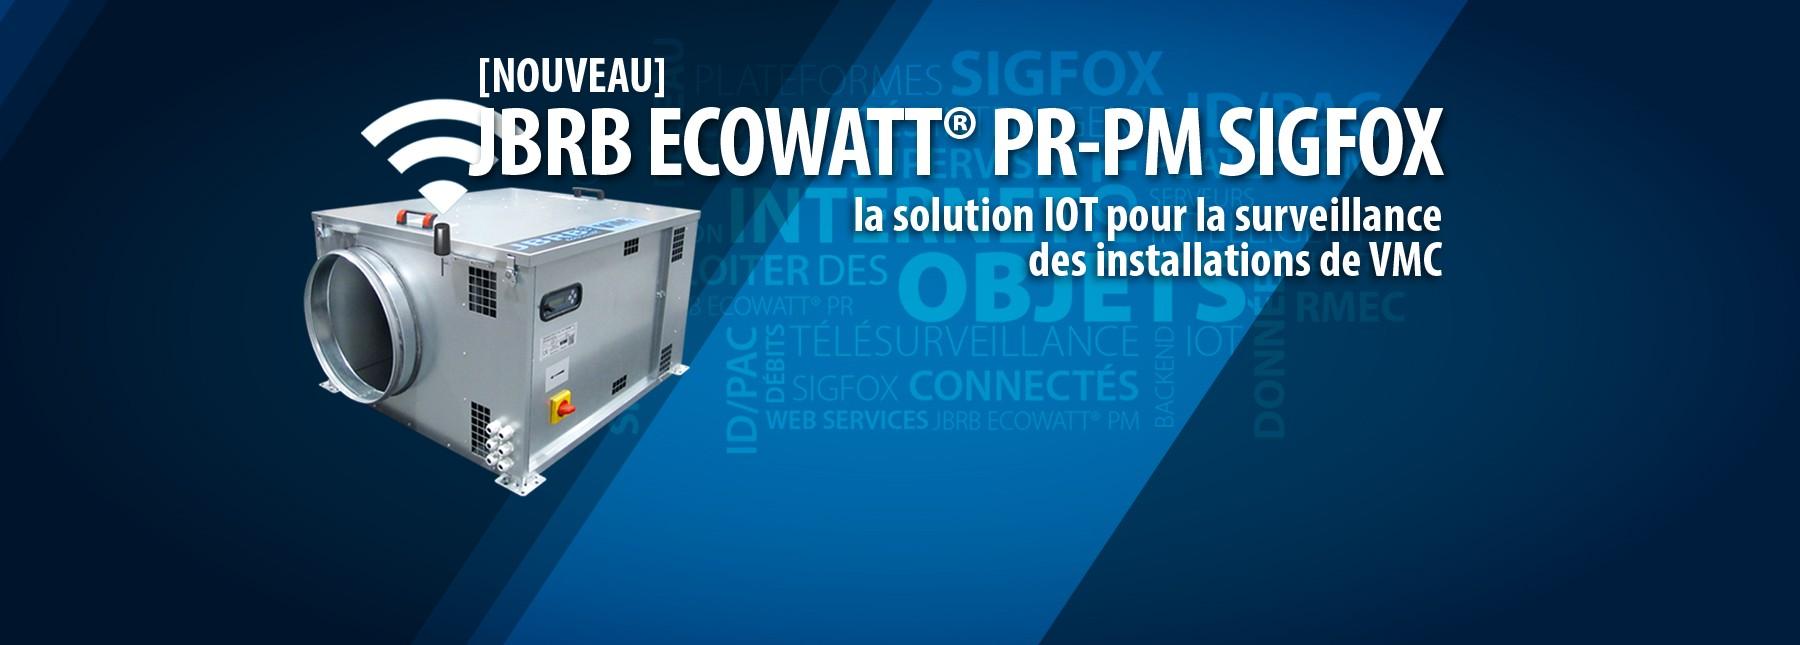 La solution IOT pour la surveillance des installations de VMC